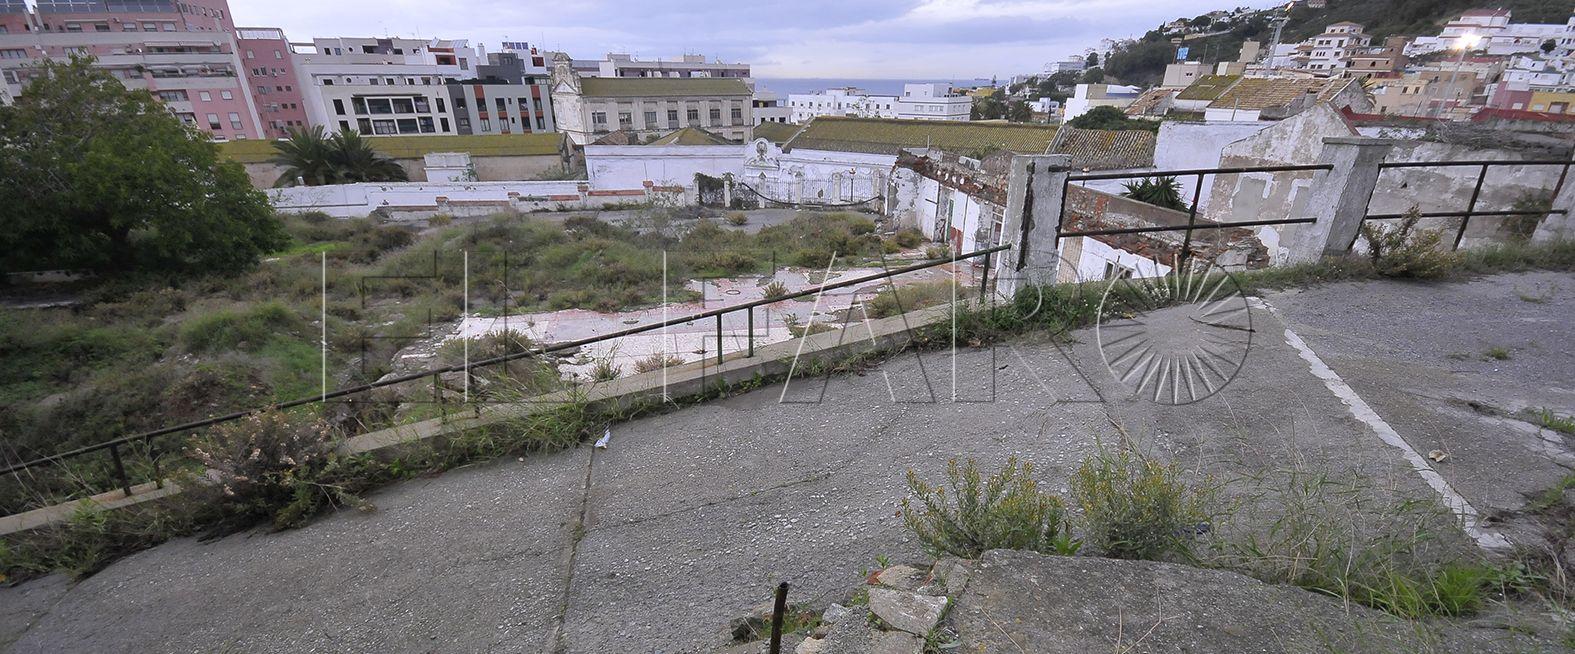 El Brull deberá recalificarse para que se pueda construir una infraestructura escolar